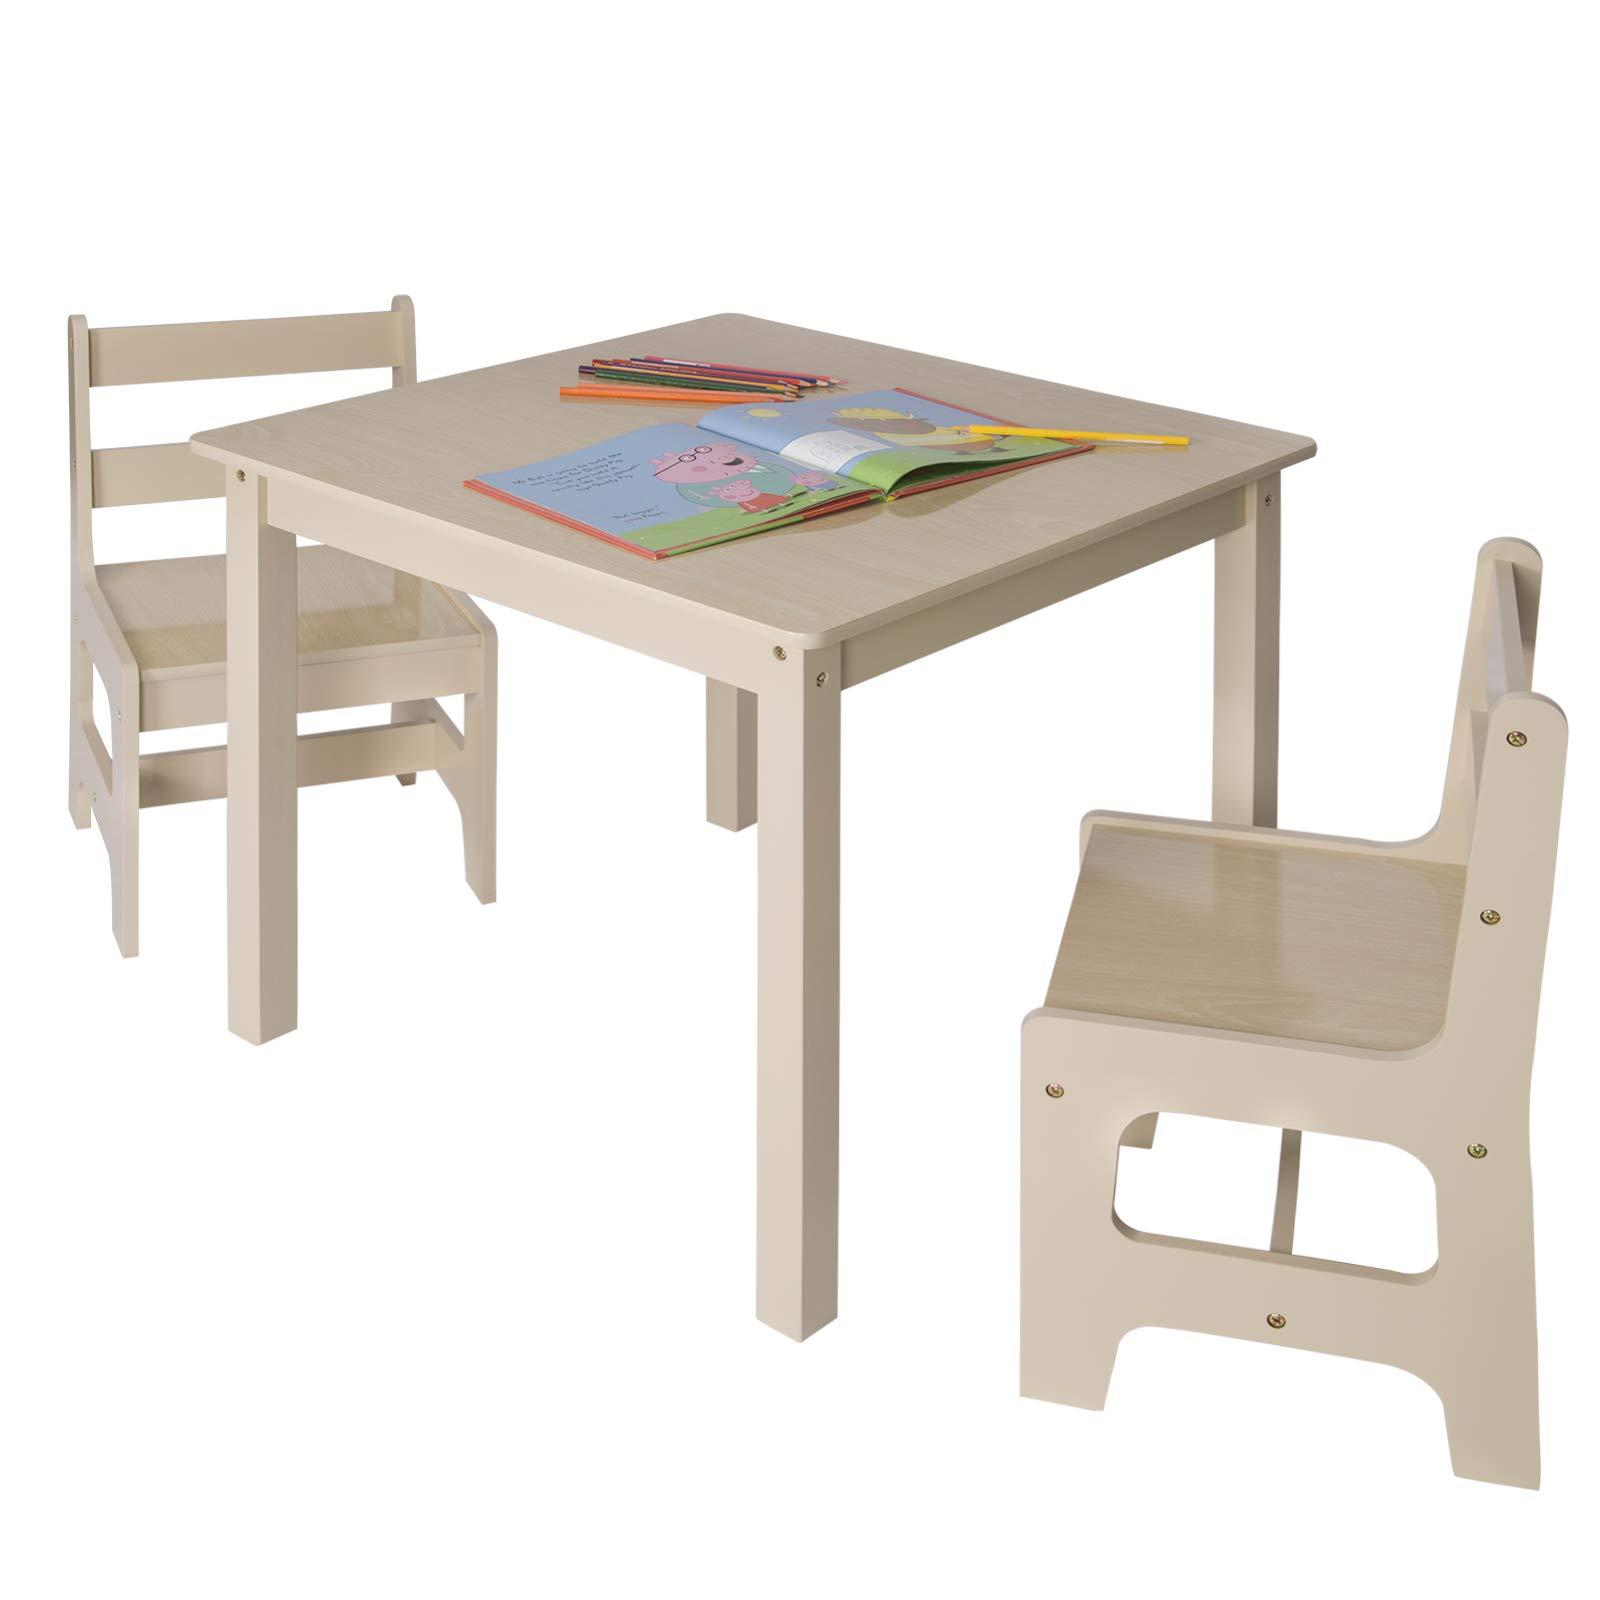 Set Tavolo E Sgabelli.Woltu Sg001 Tavolo E Sedie Per Bambini Soggiorno Tavolino Con 2 Sgabelli Set Mobili In Legno